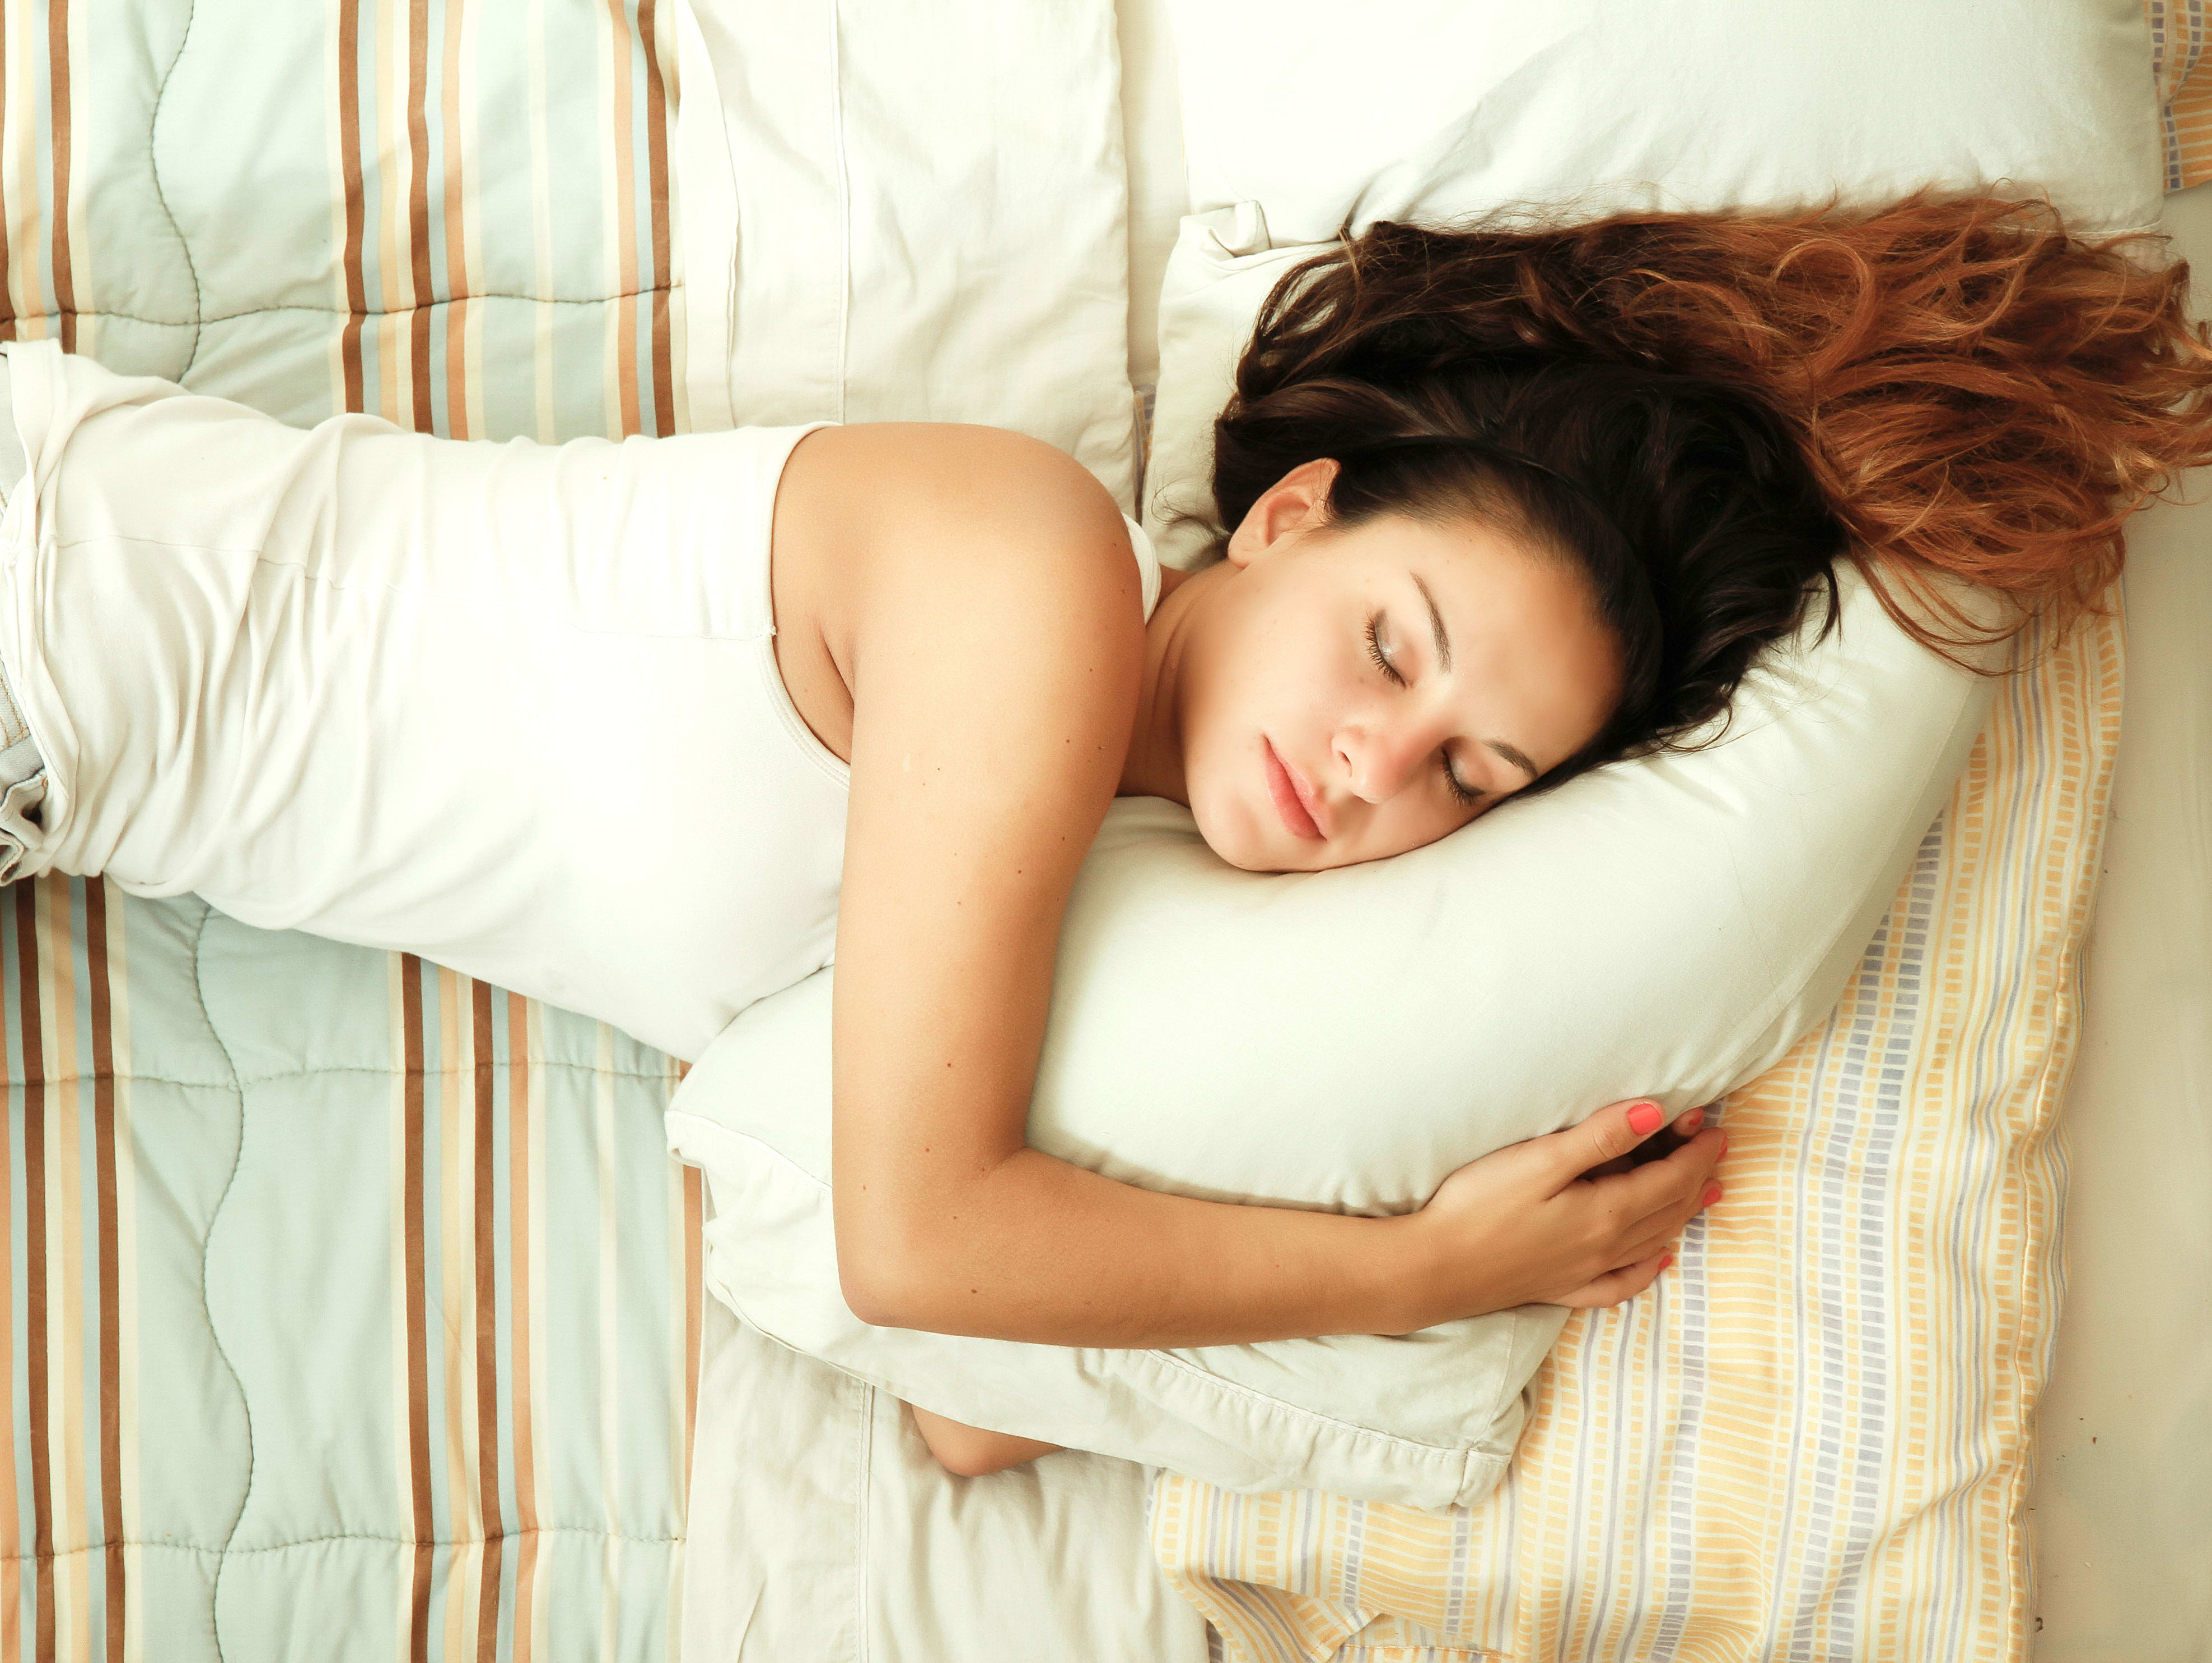 ההשפעה המוזרה של פחות מ-8 שעות שינה על הגוף